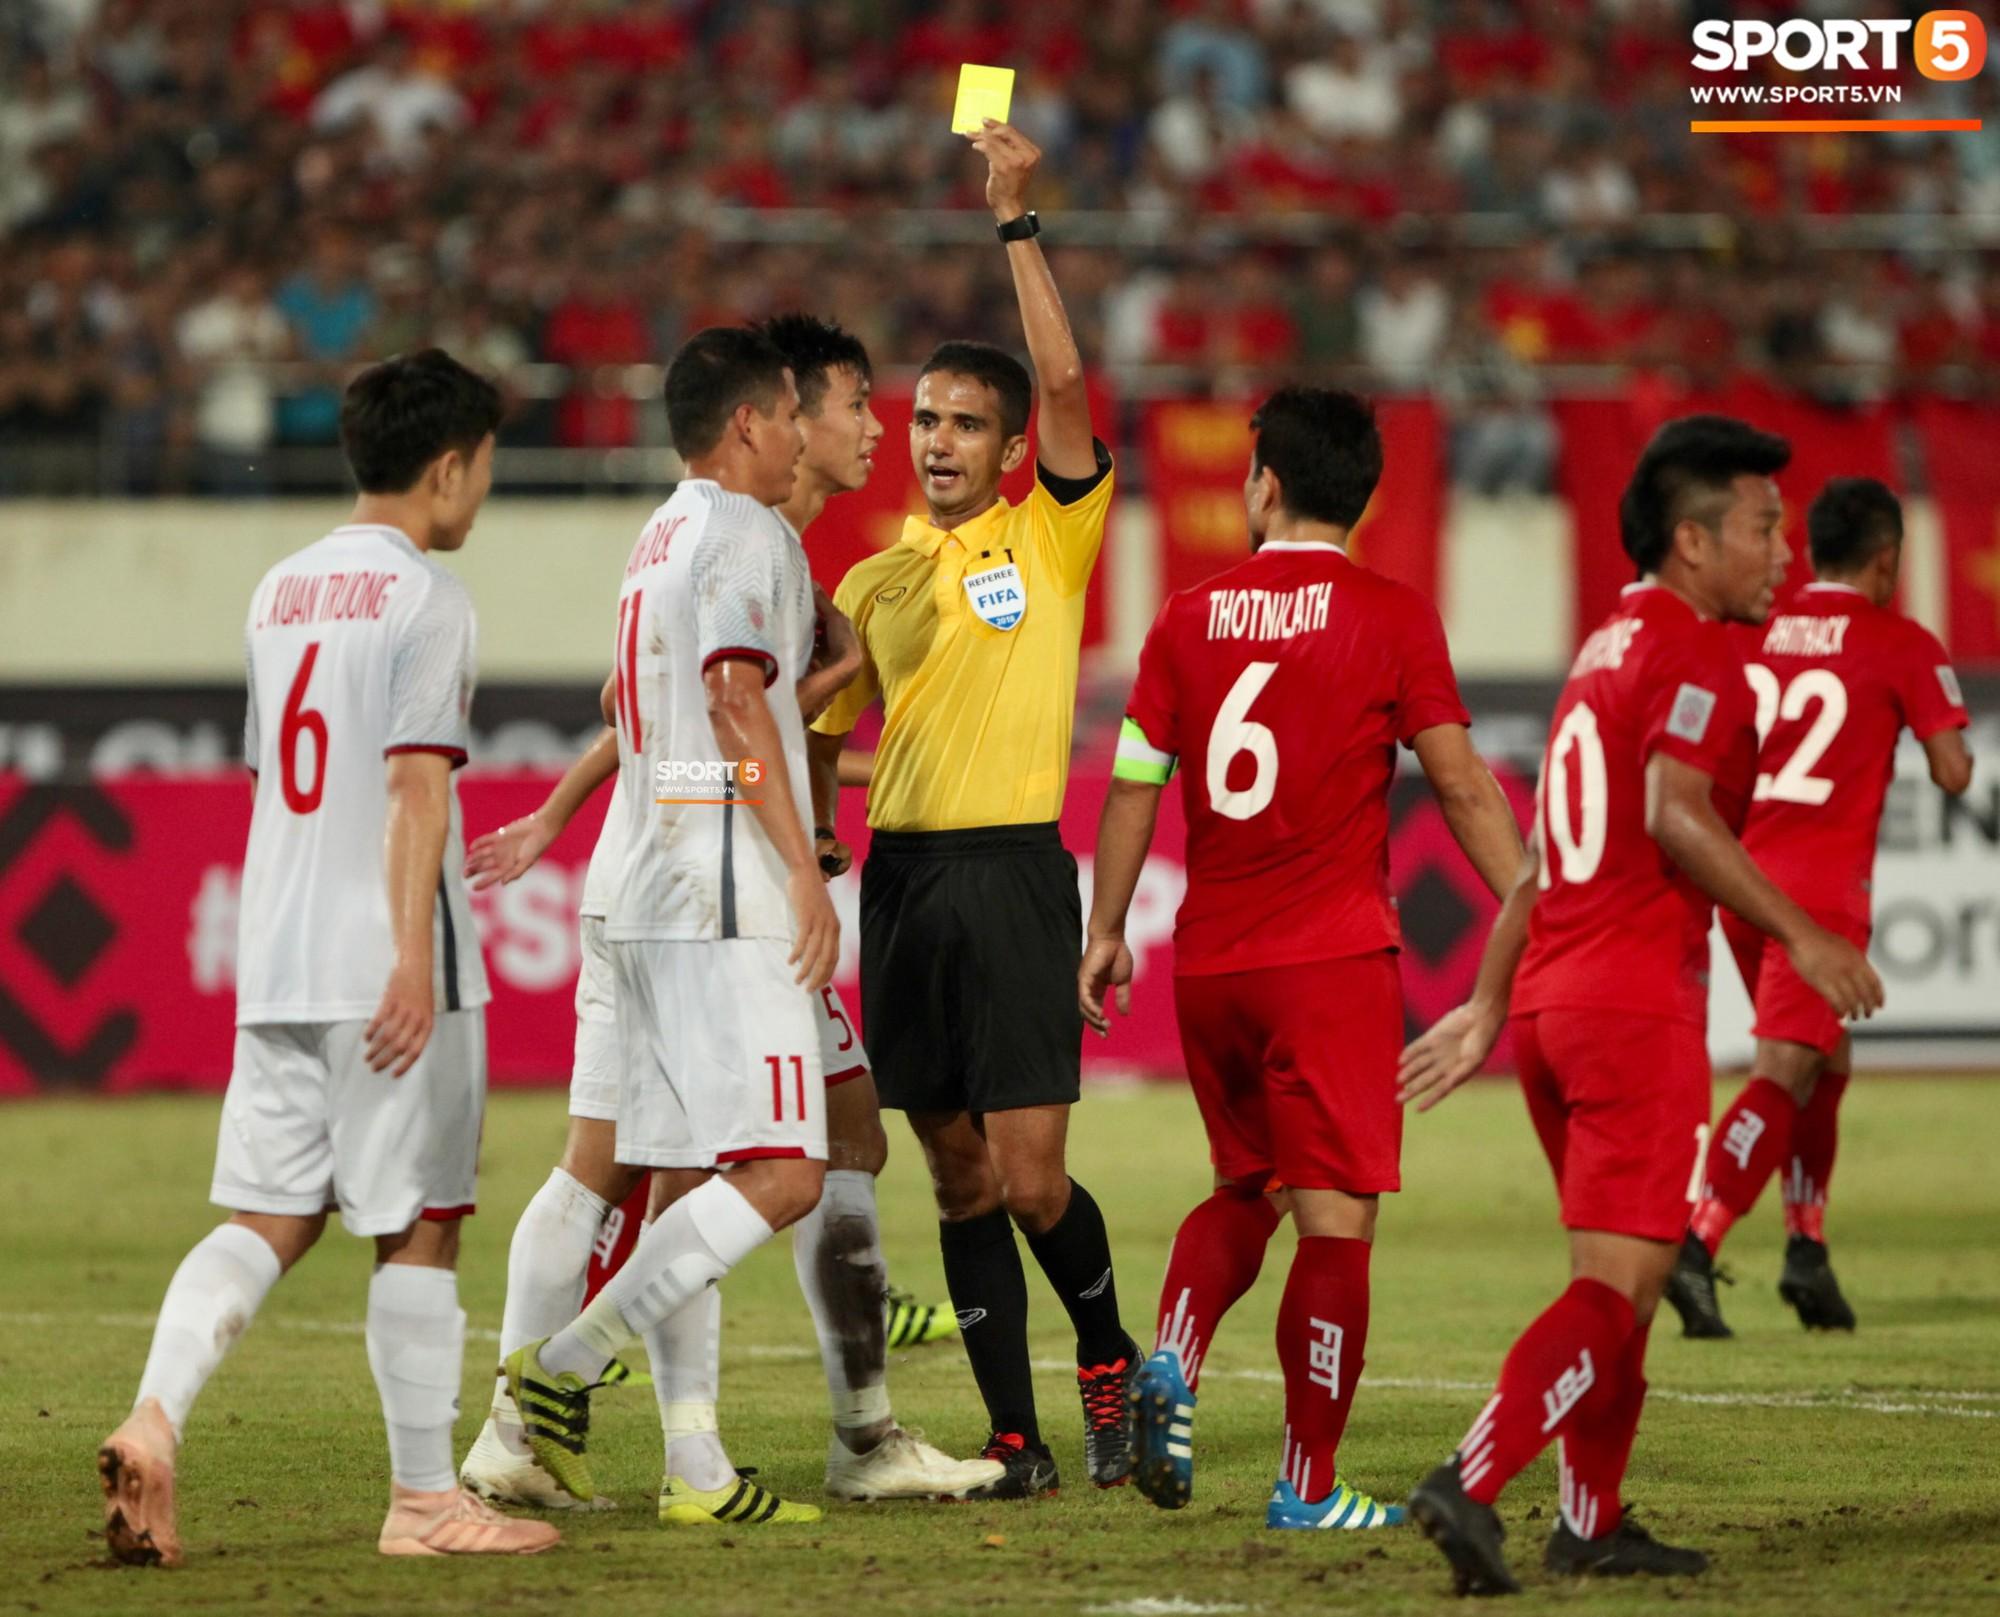 Cậu út của tuyển Việt Nam muốn tái hiện bàn tay của chúa trong trận mở màn AFF Cup 2018 - Ảnh 5.